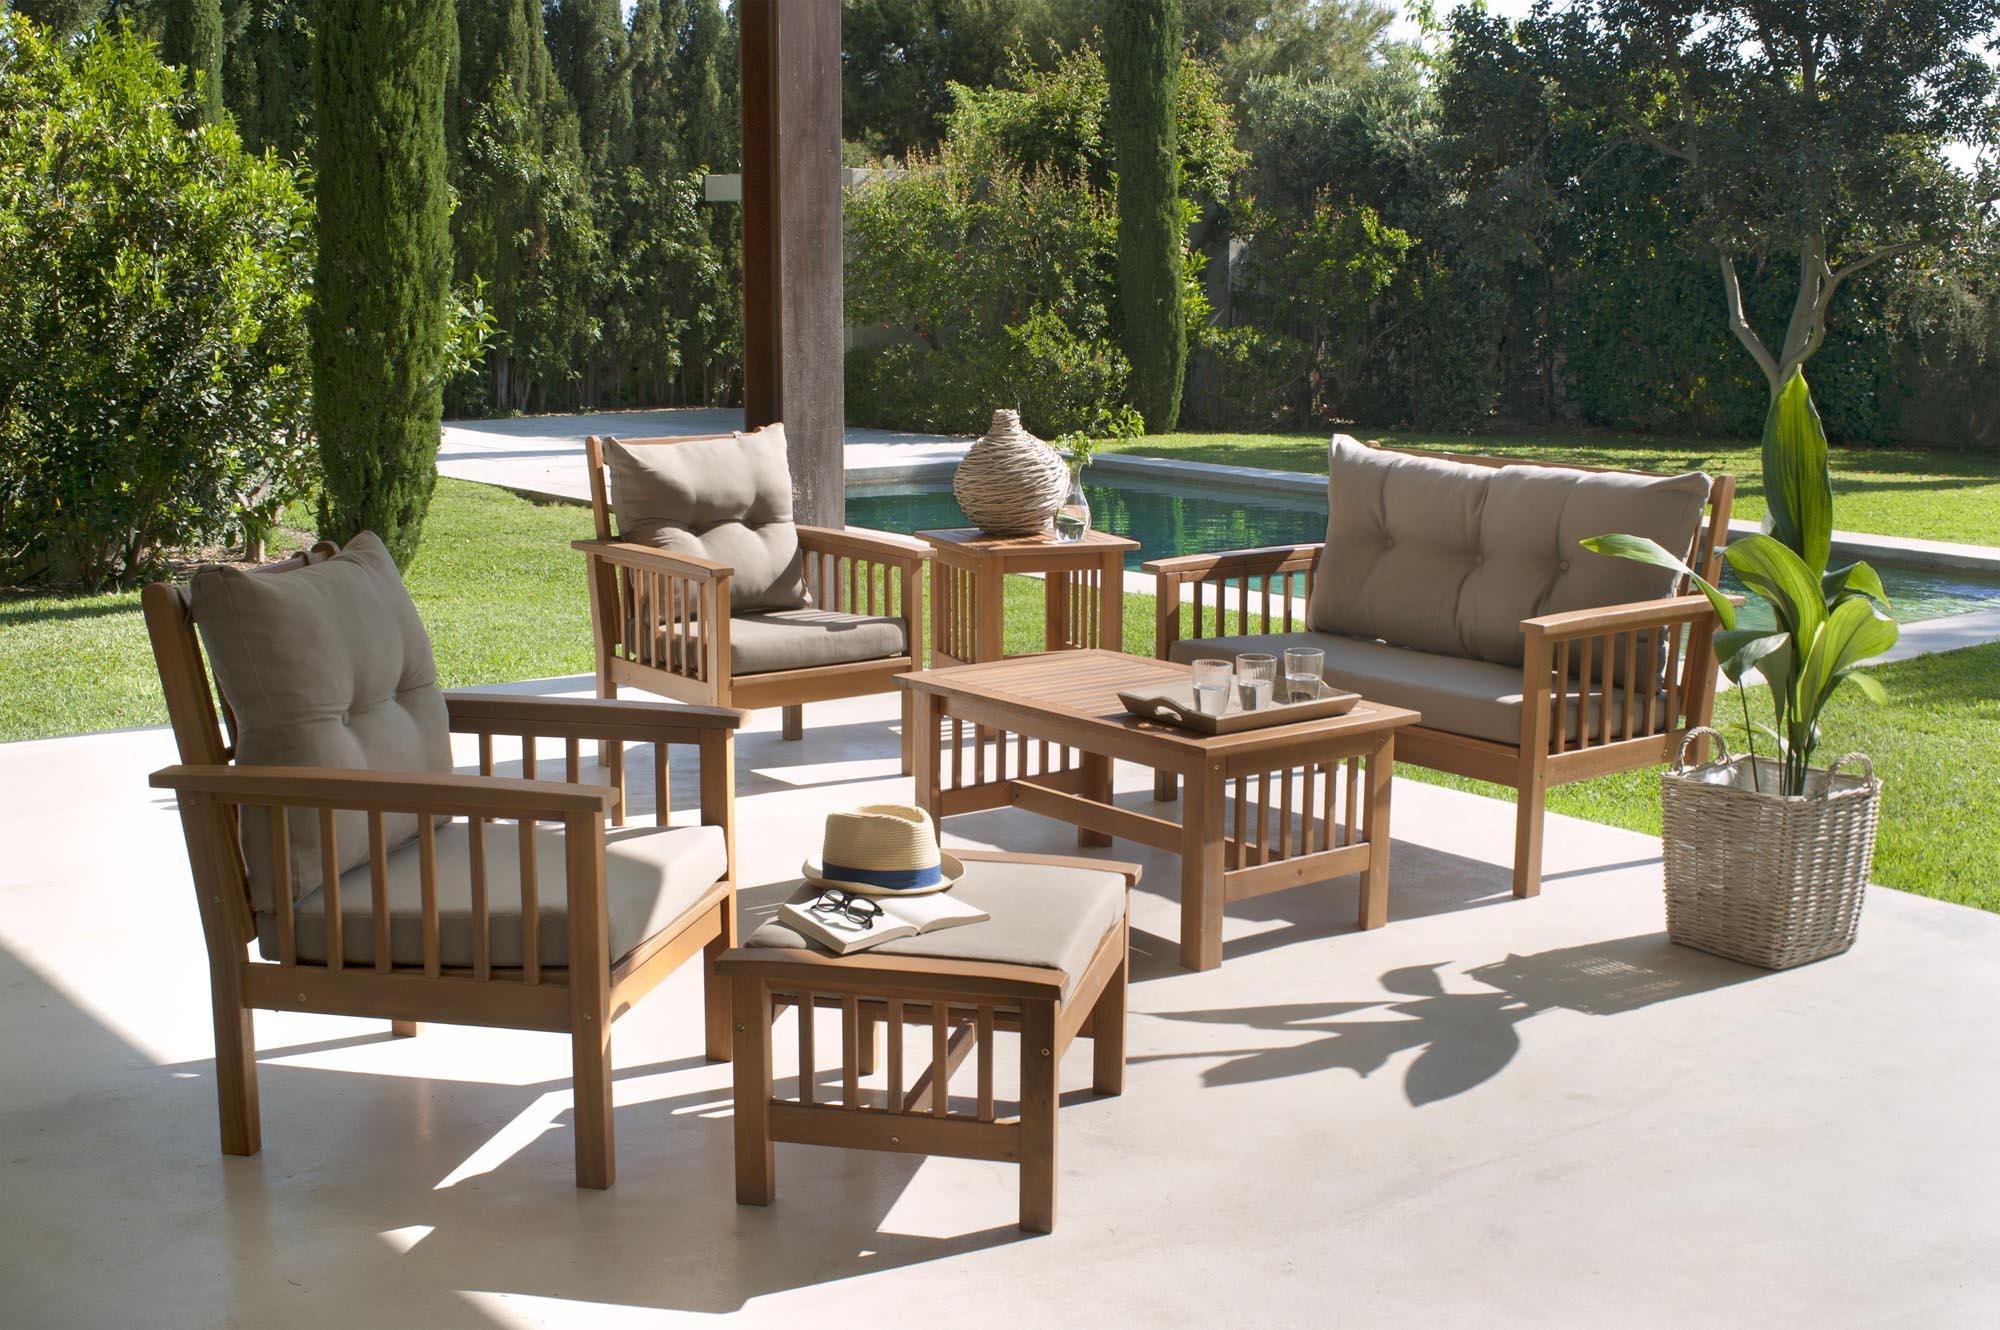 Salon Jardin Carrefour Des Idées - Idees Conception Jardin concernant Salon De Jardin Blanc Carrefour